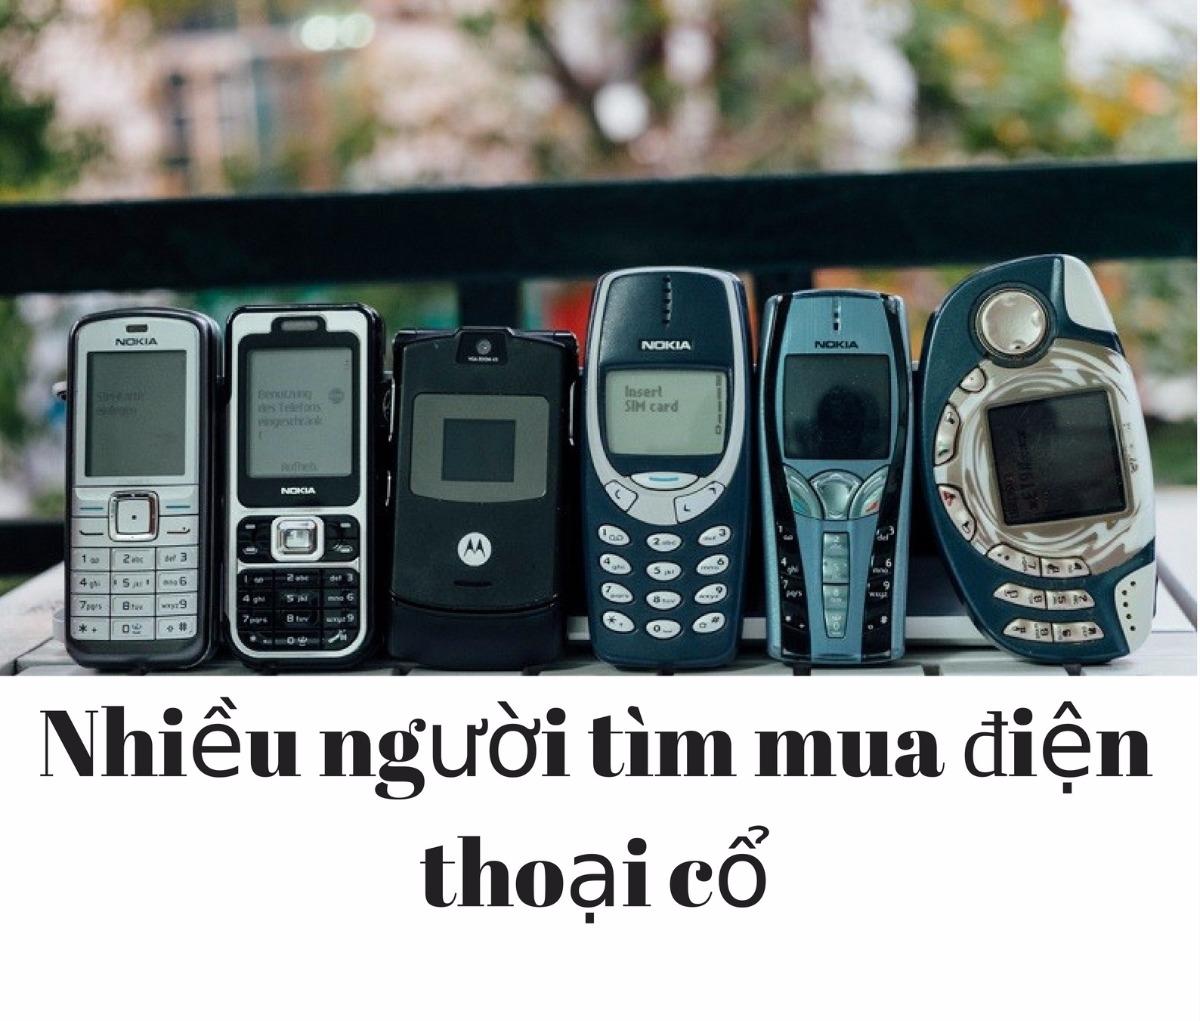 Cuộc sống ngày càng phát triển,nhiều người lại thích tìm mua điện thoại cổ